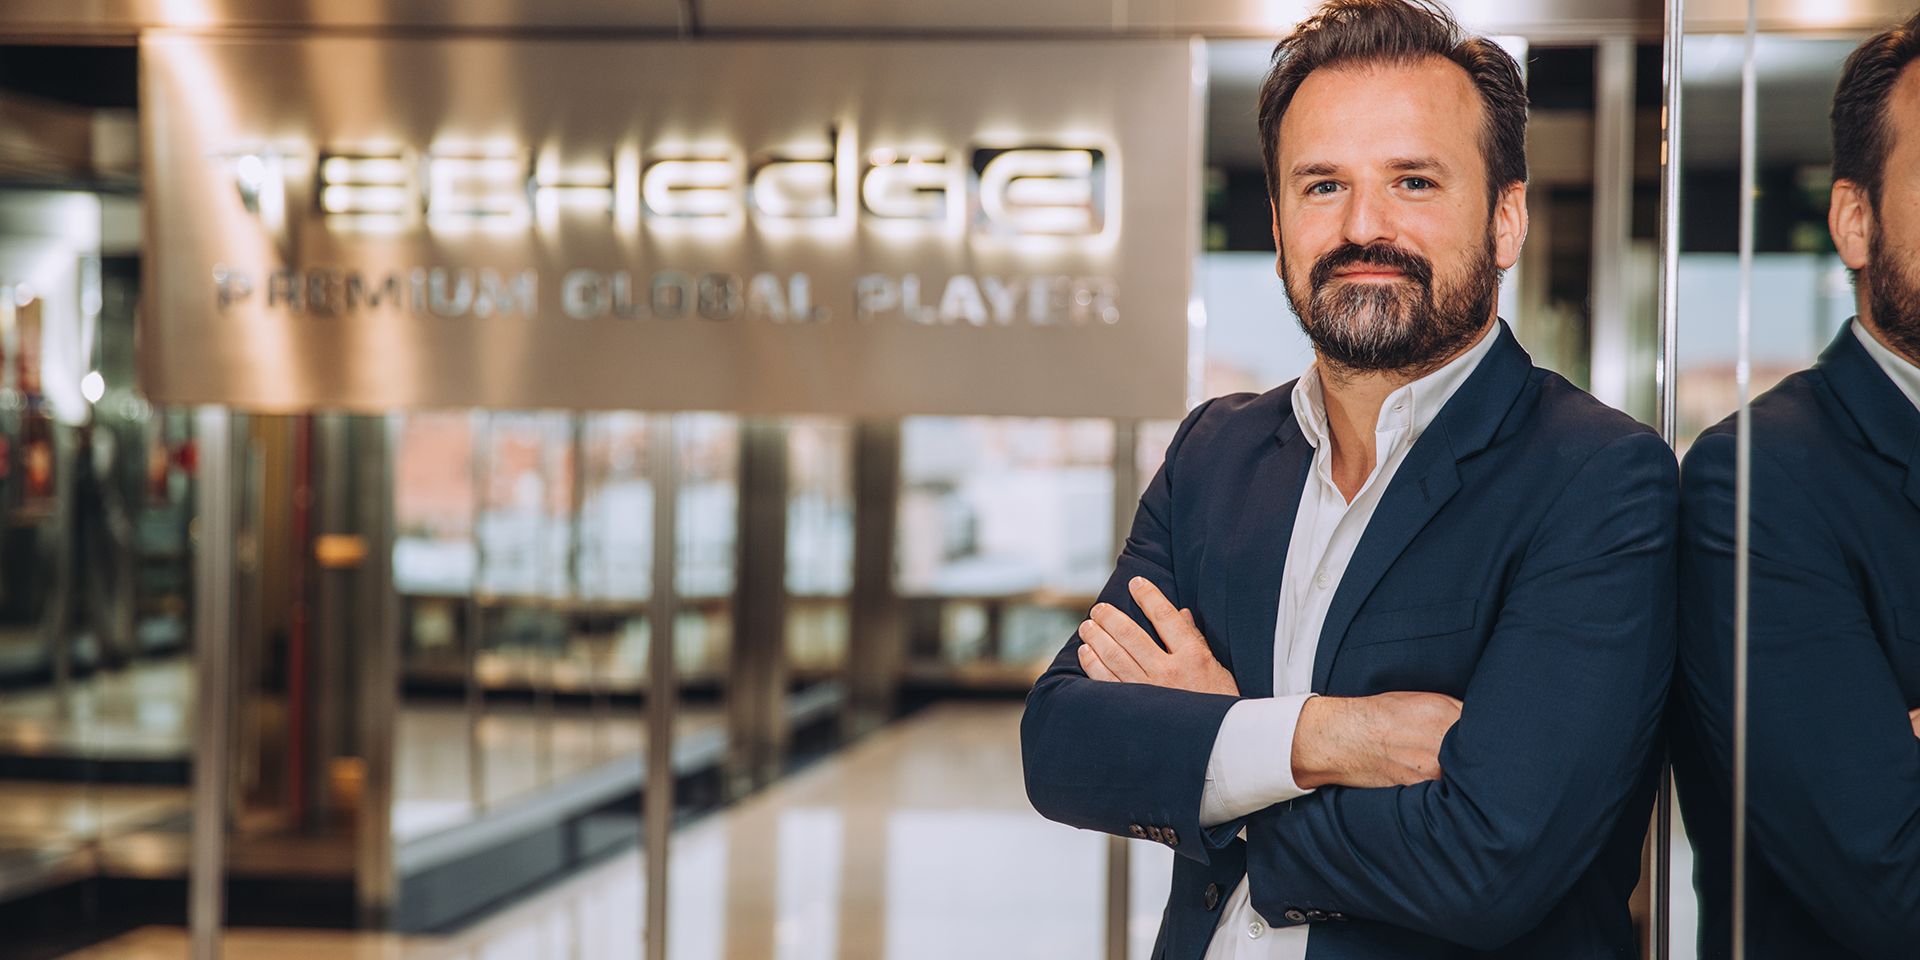 Daniel Valdés, CEO de Techedge España: